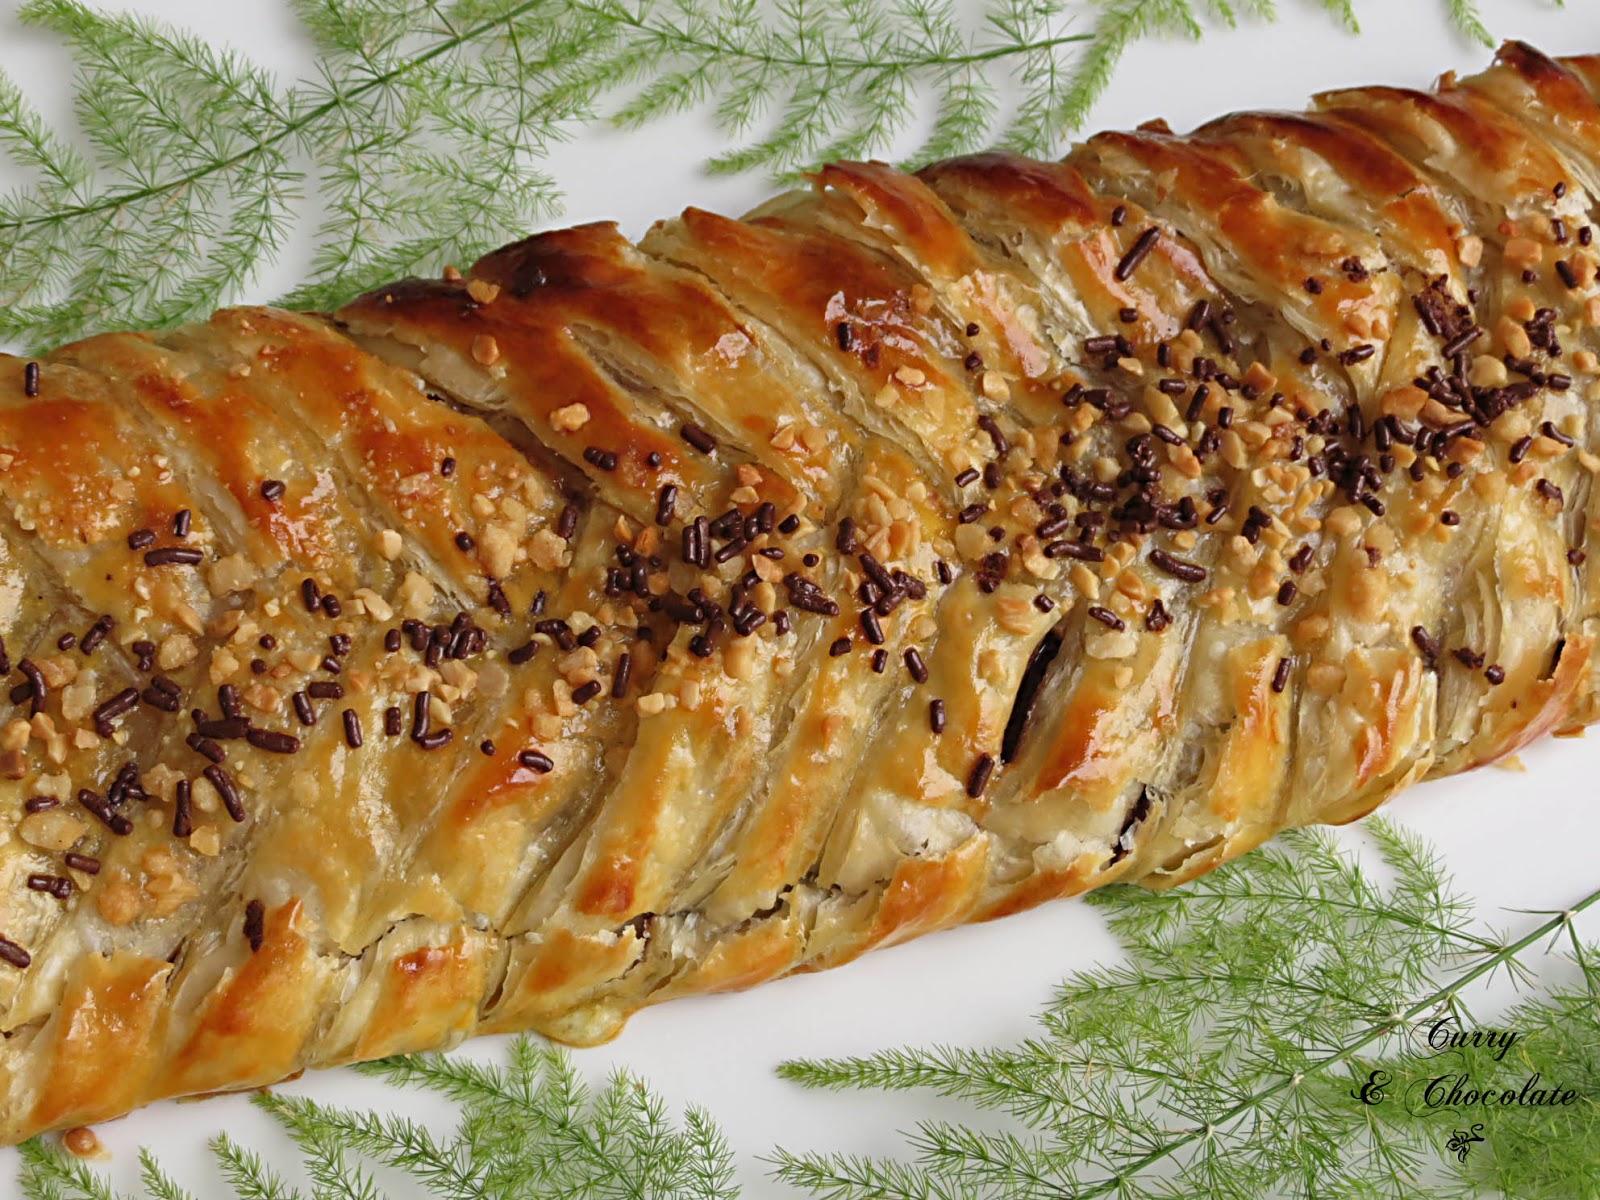 Trenza de Nutella y plátano – Nutella banana puff pastry braid